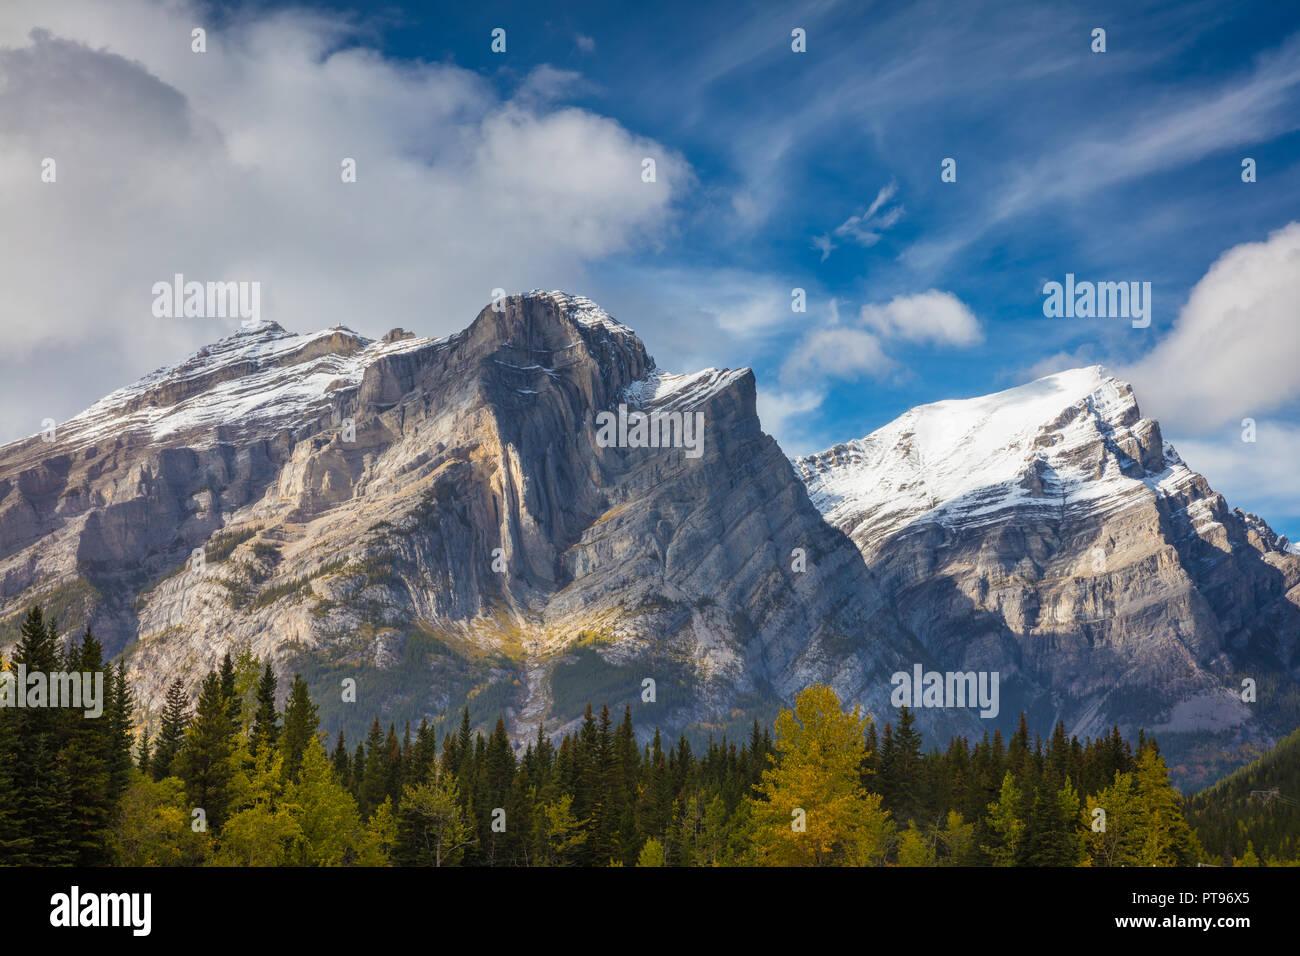 Kananaskis Country ist ein Park System im Westen von Calgary, Alberta, Kanada in den Ausläufern und die vorderen Bereiche der Kanadischen Rocky Mountains gelegen. Stockbild